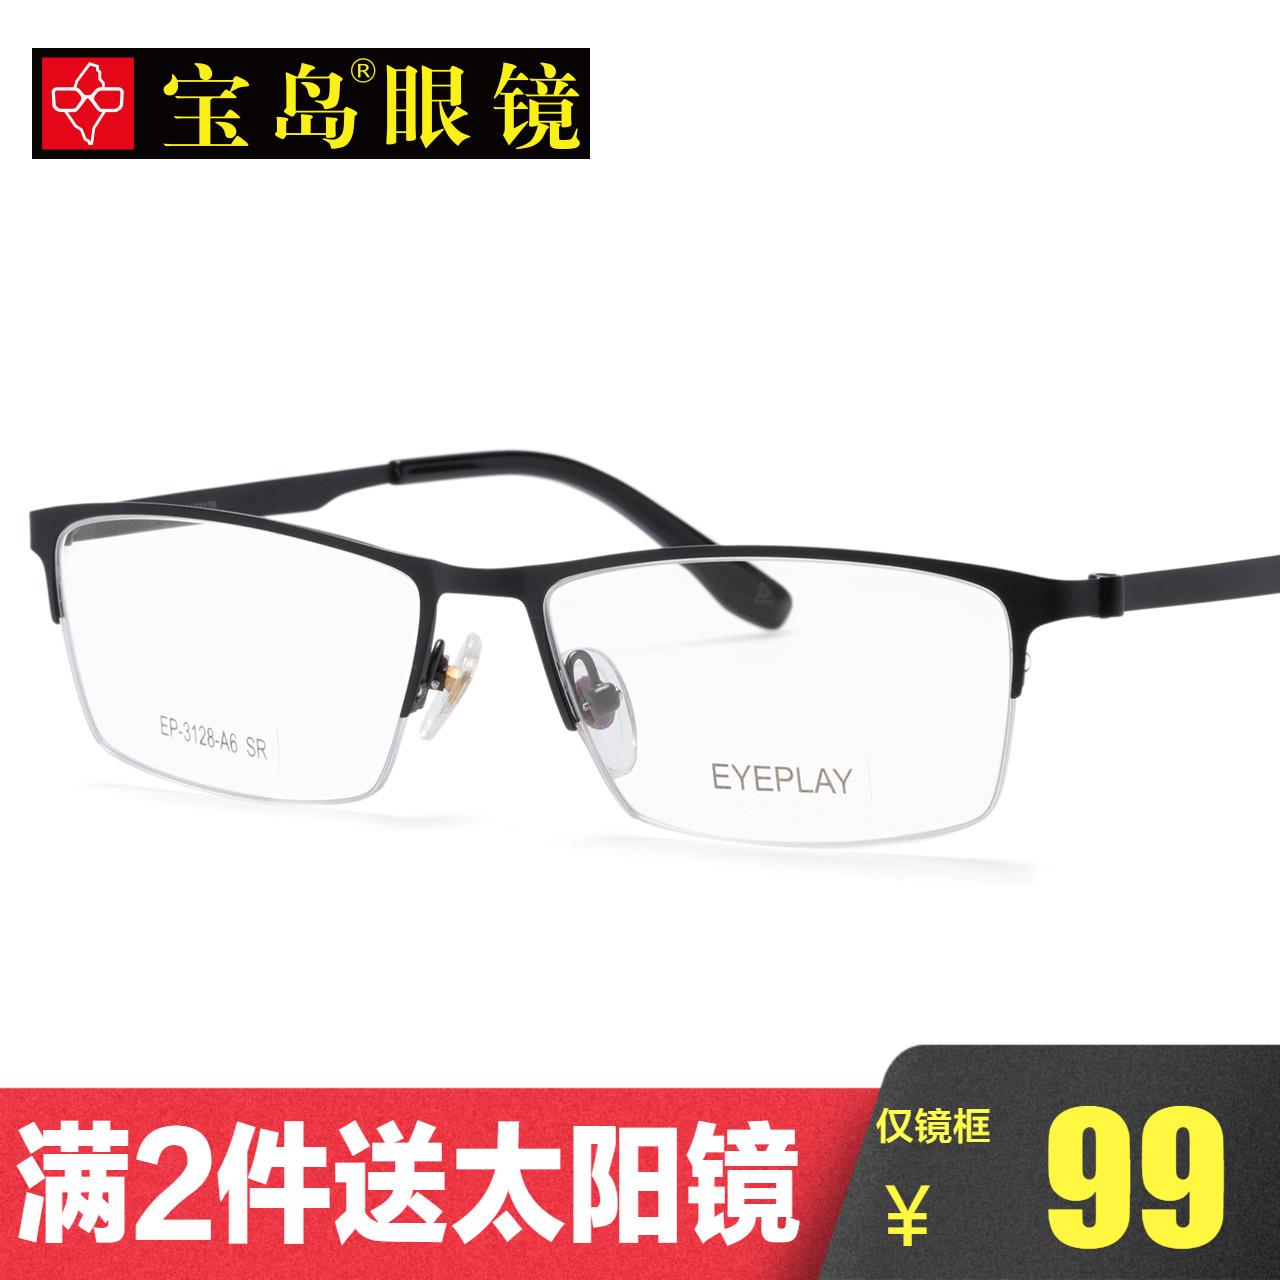 宝岛眼镜 近视眼镜框男女商务金属半框镜架平光可配近视 目戏3128